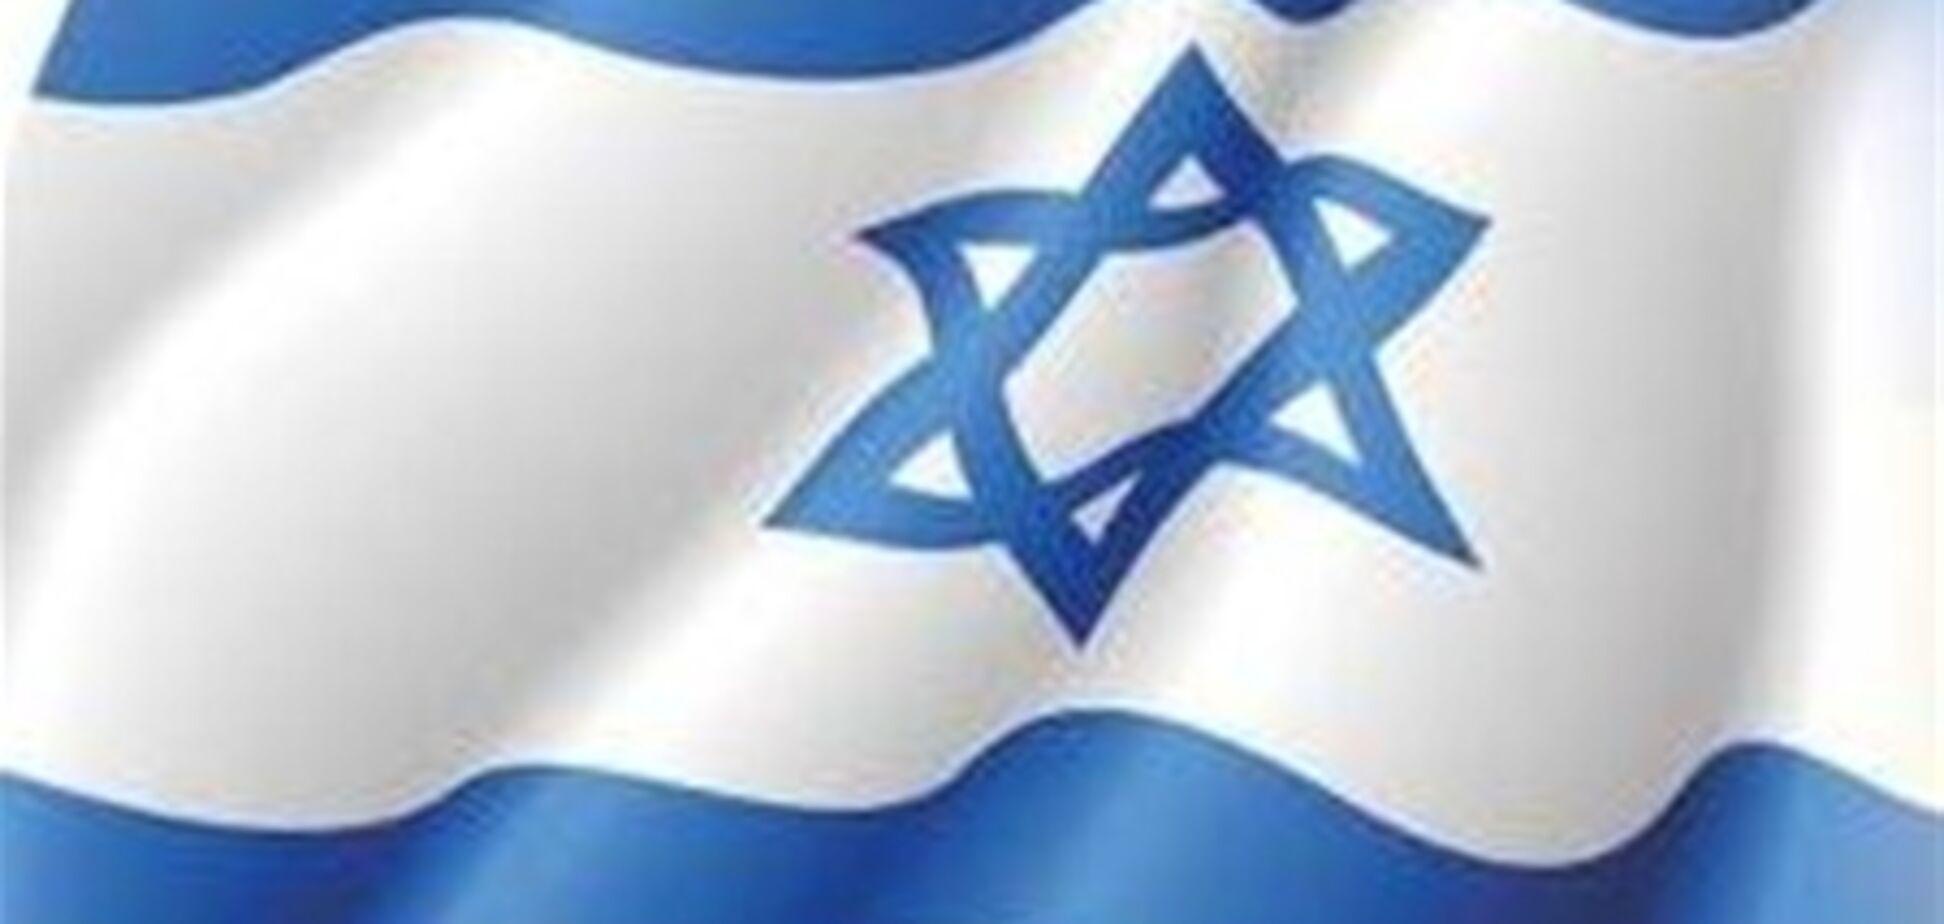 Возле посольства Израиля в Киеве искали бомбу